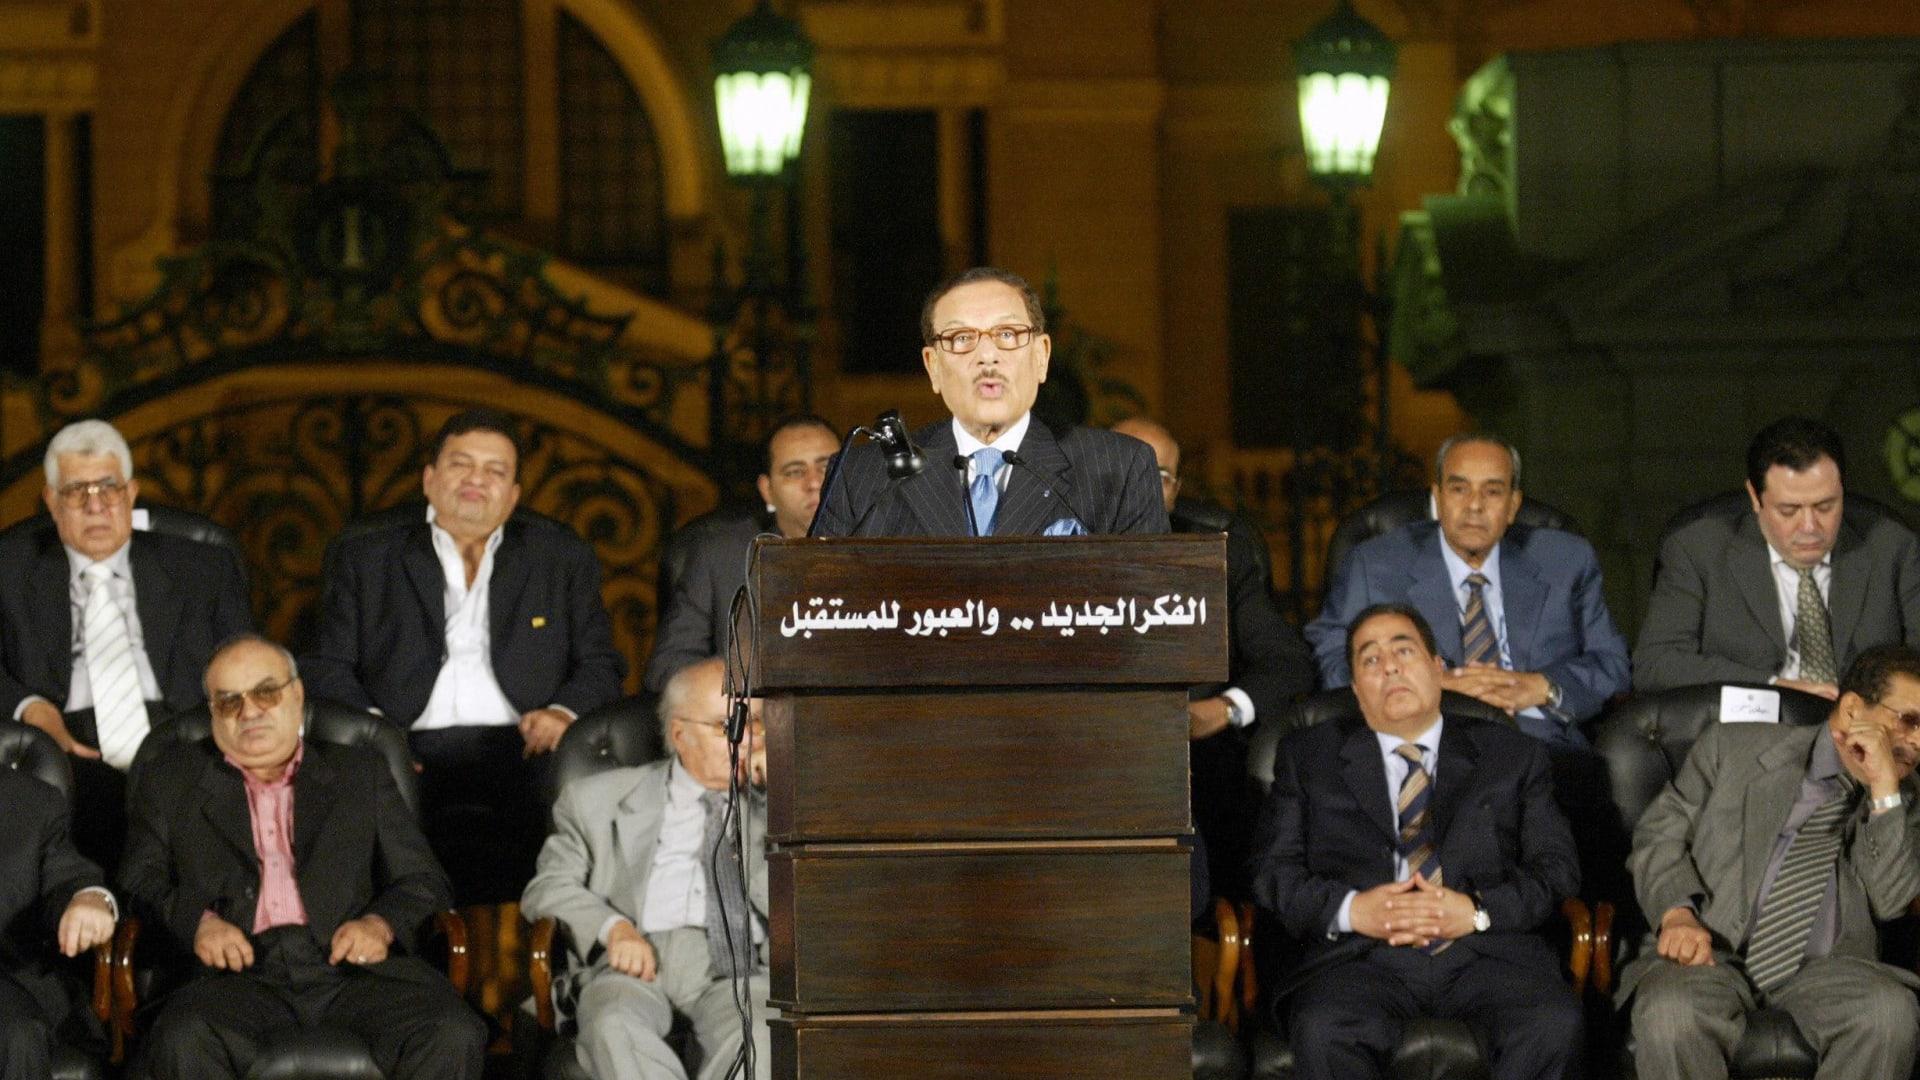 مصر: وفاة صفوت الشريف وزير الإعلام السابق وأحد أبرز وجوه نظام حسني مبارك